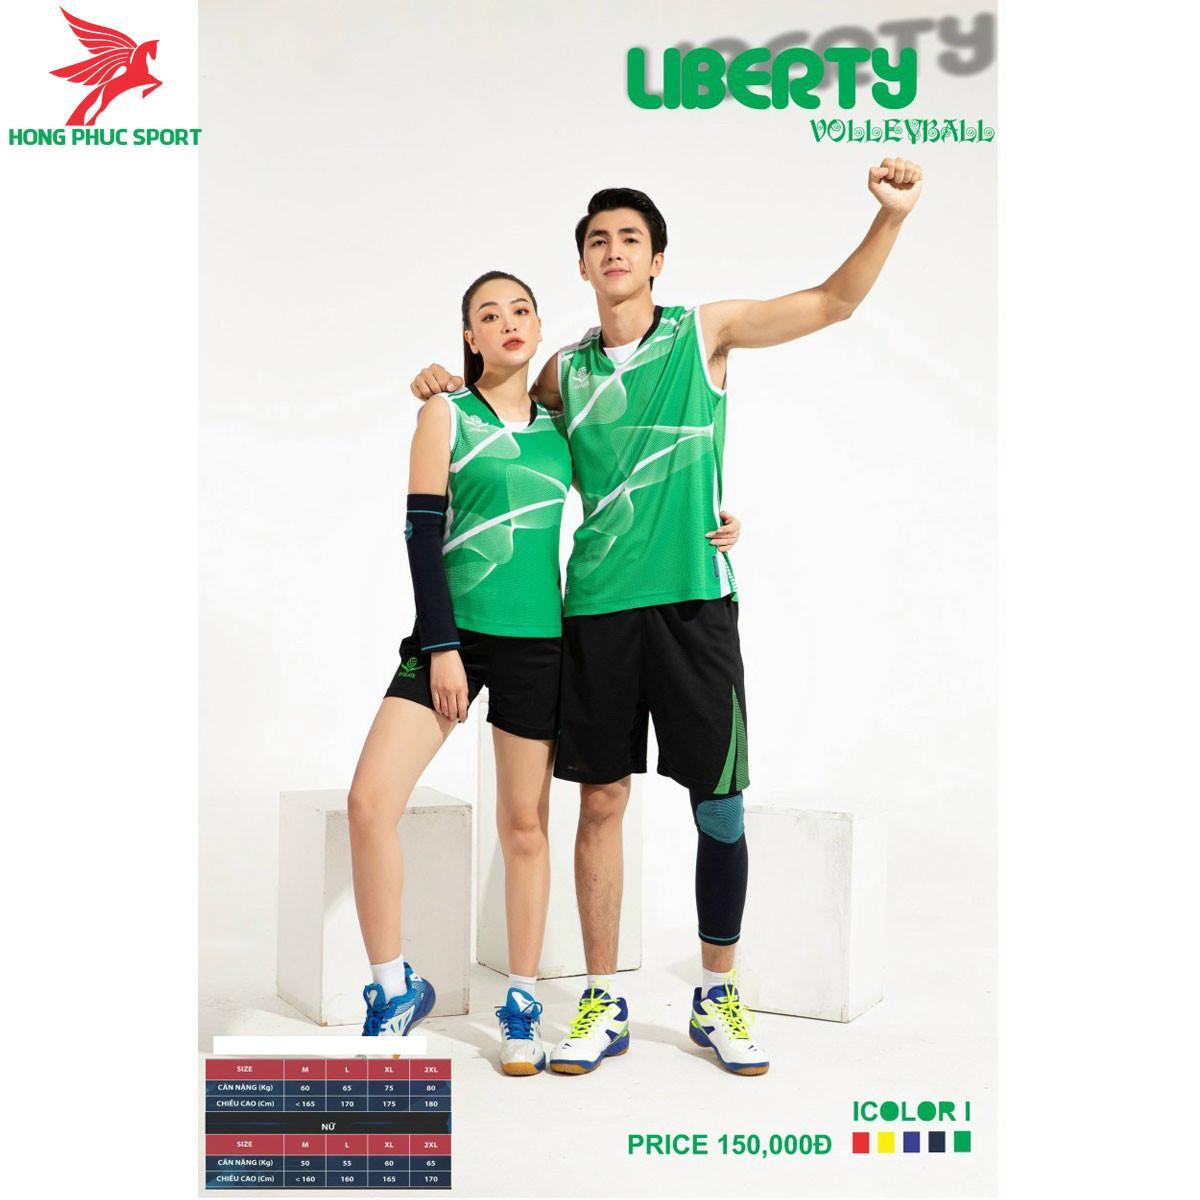 Áo thi đấu bóng chuyền OverateLiberty 2021 màu xanh lá